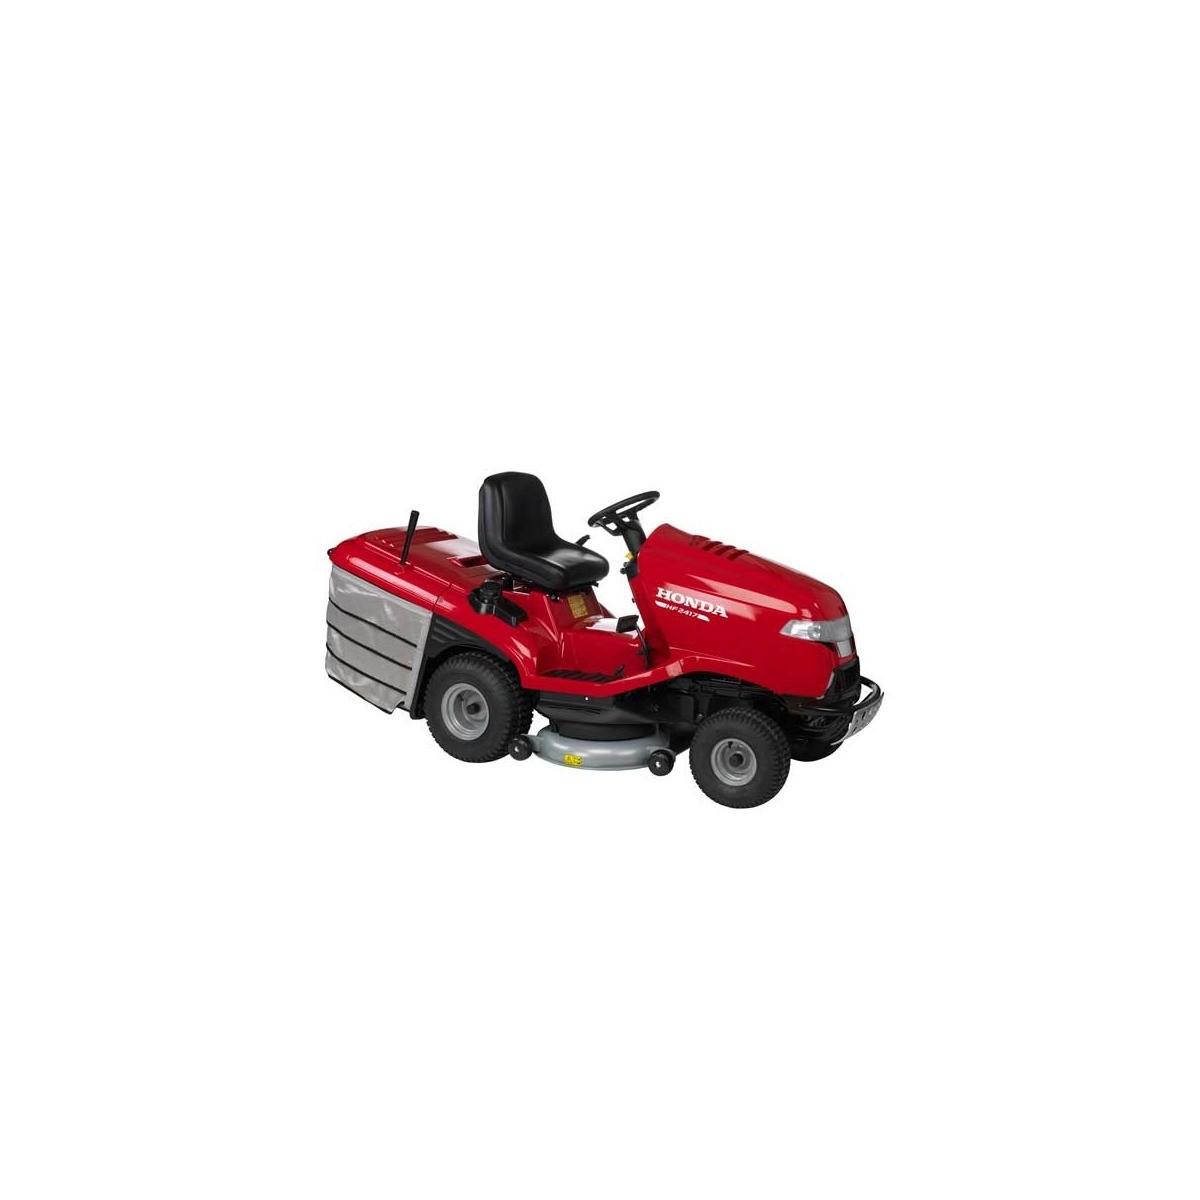 honda mini tractor hf2417 hme eur/día